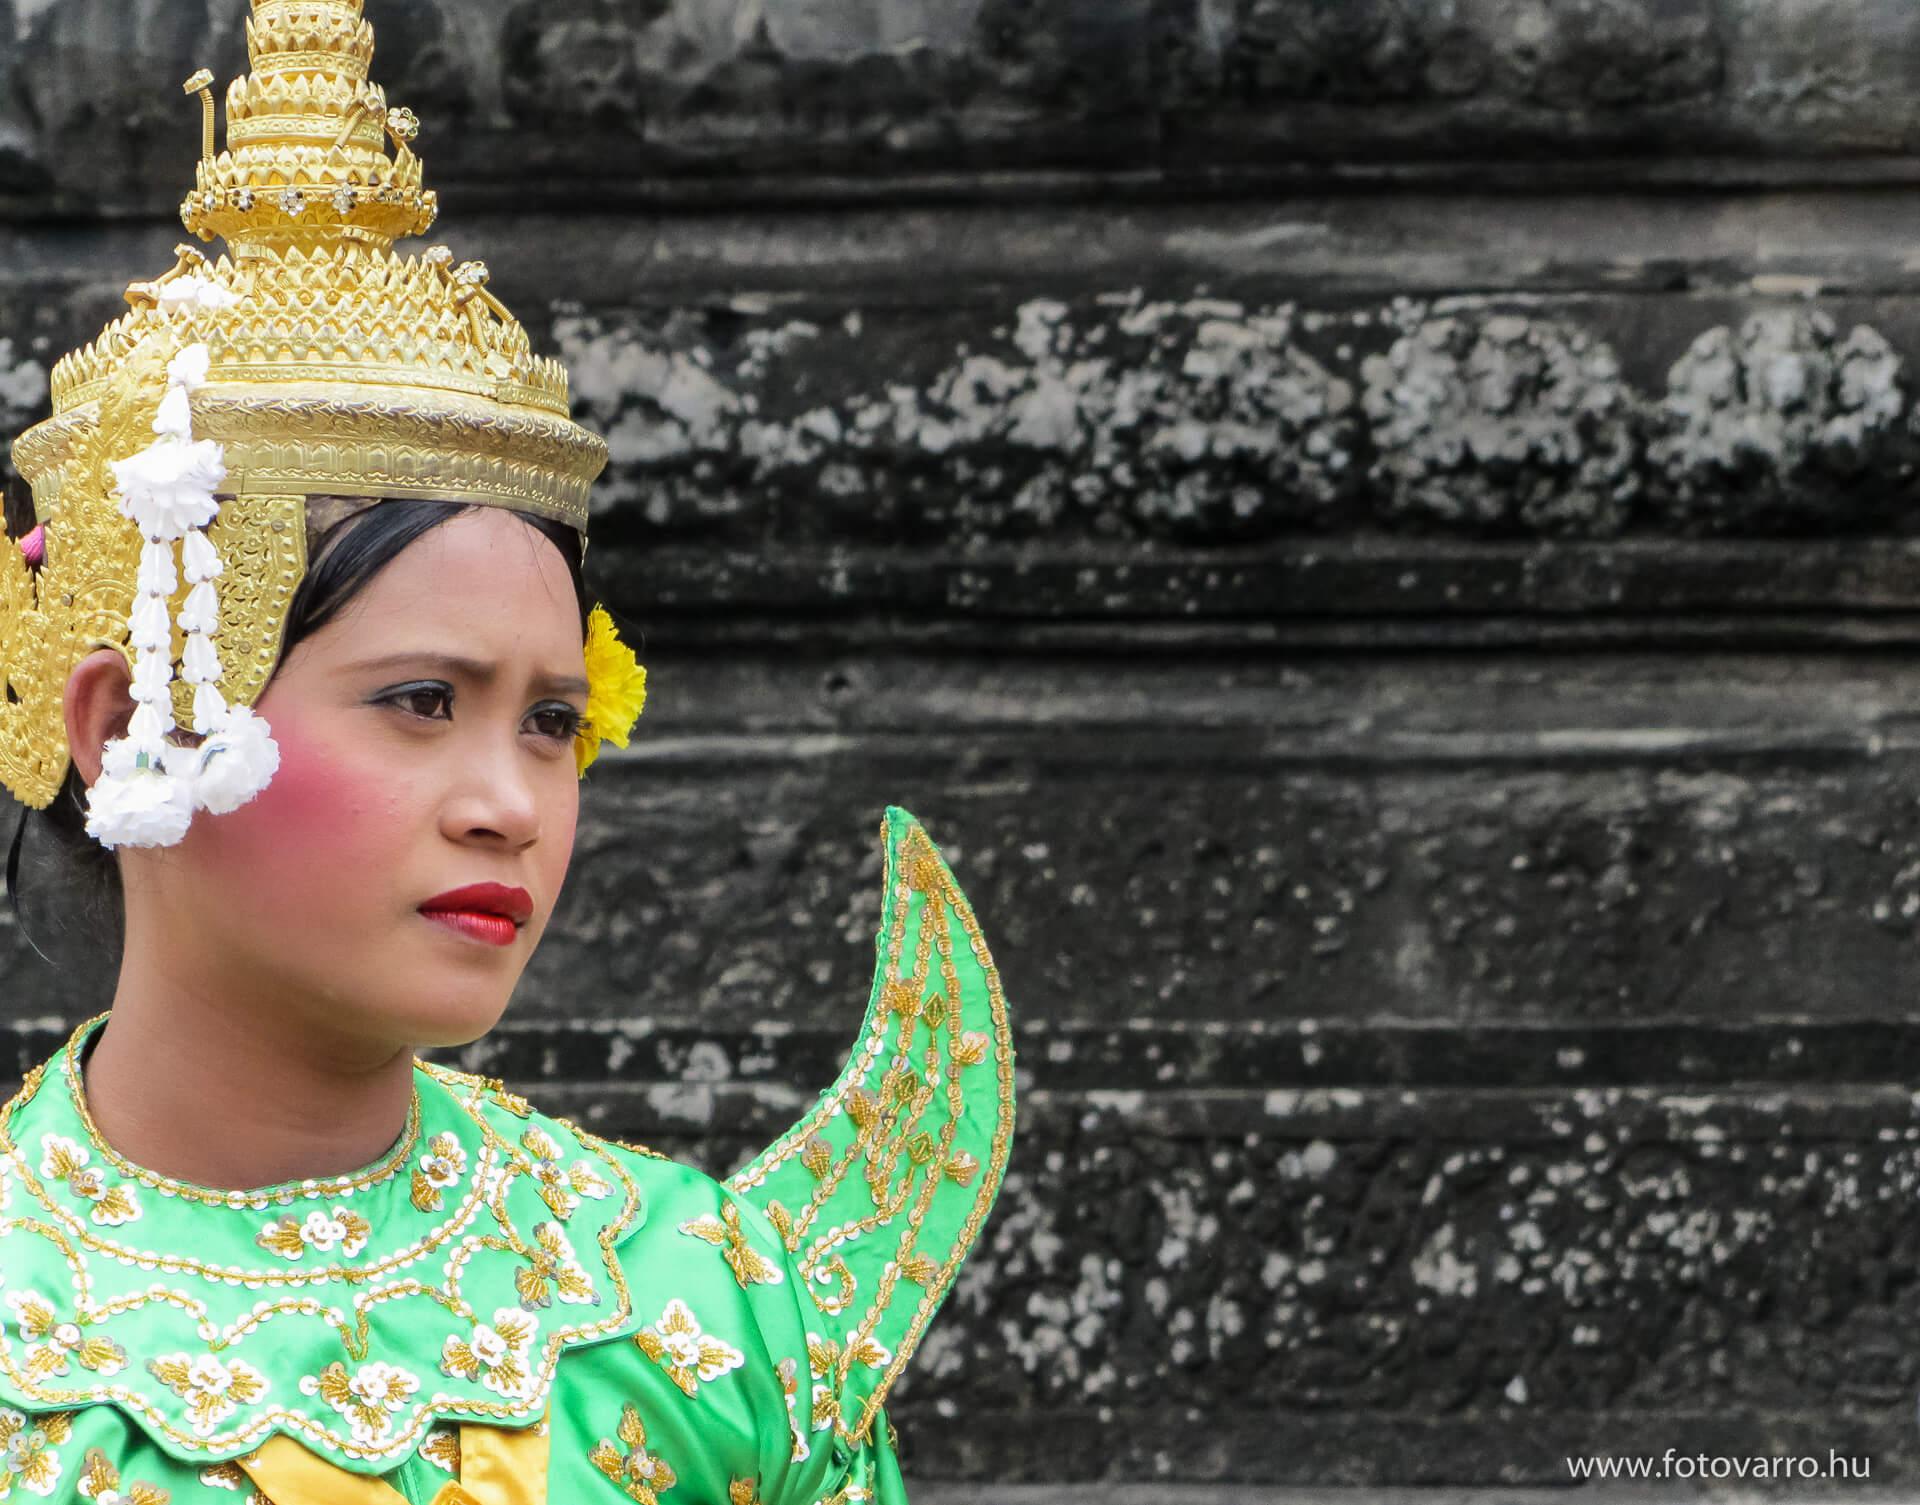 Kambodzsa_fotovarro_10